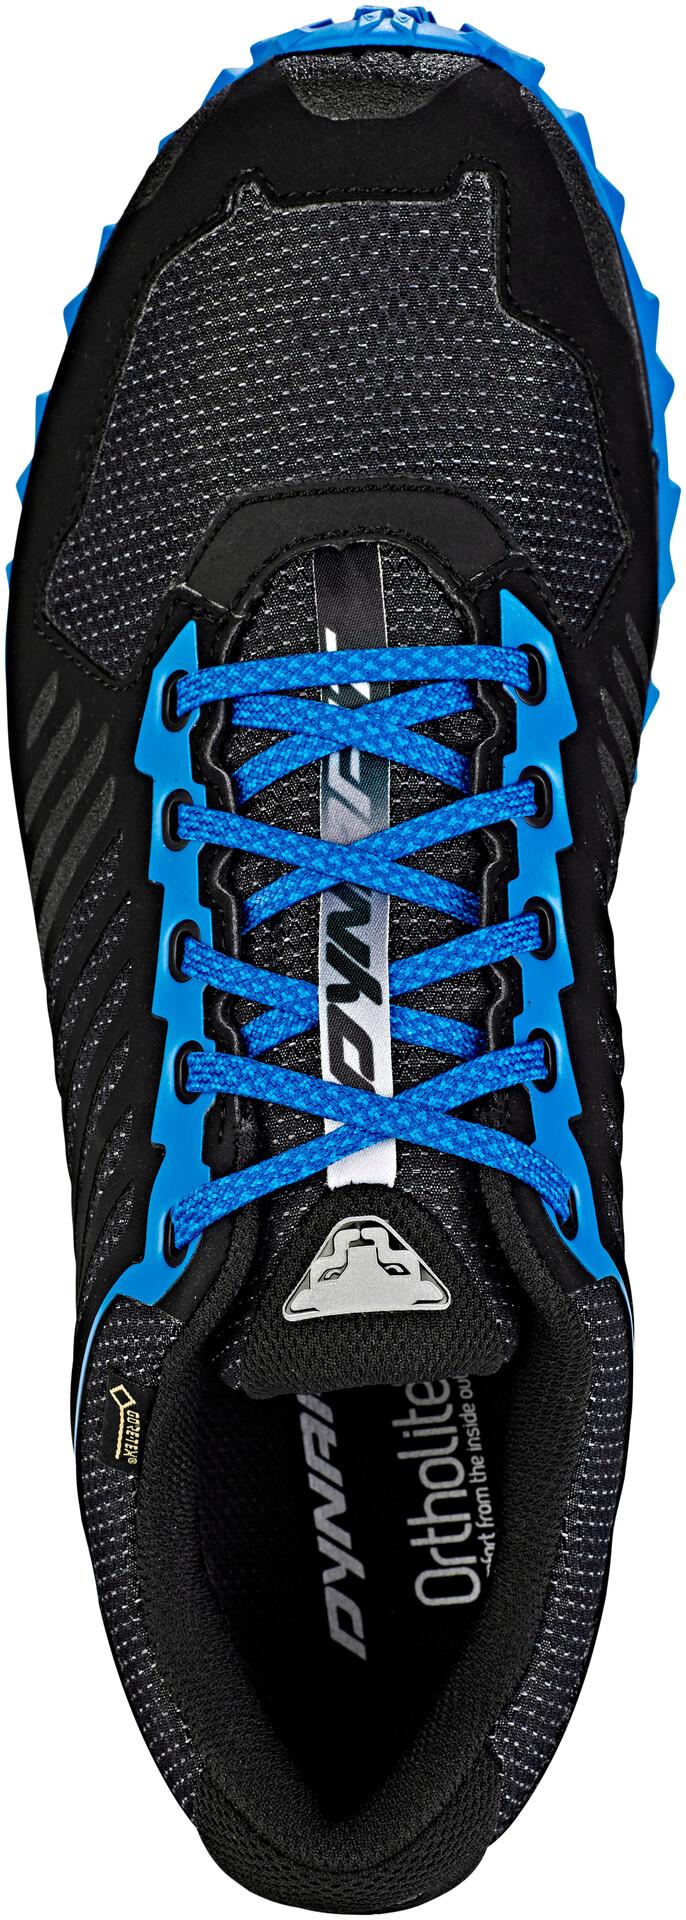 Dynafit Trailbreaker Gore Tex Zapatillas running Hombre, blacksparta blue